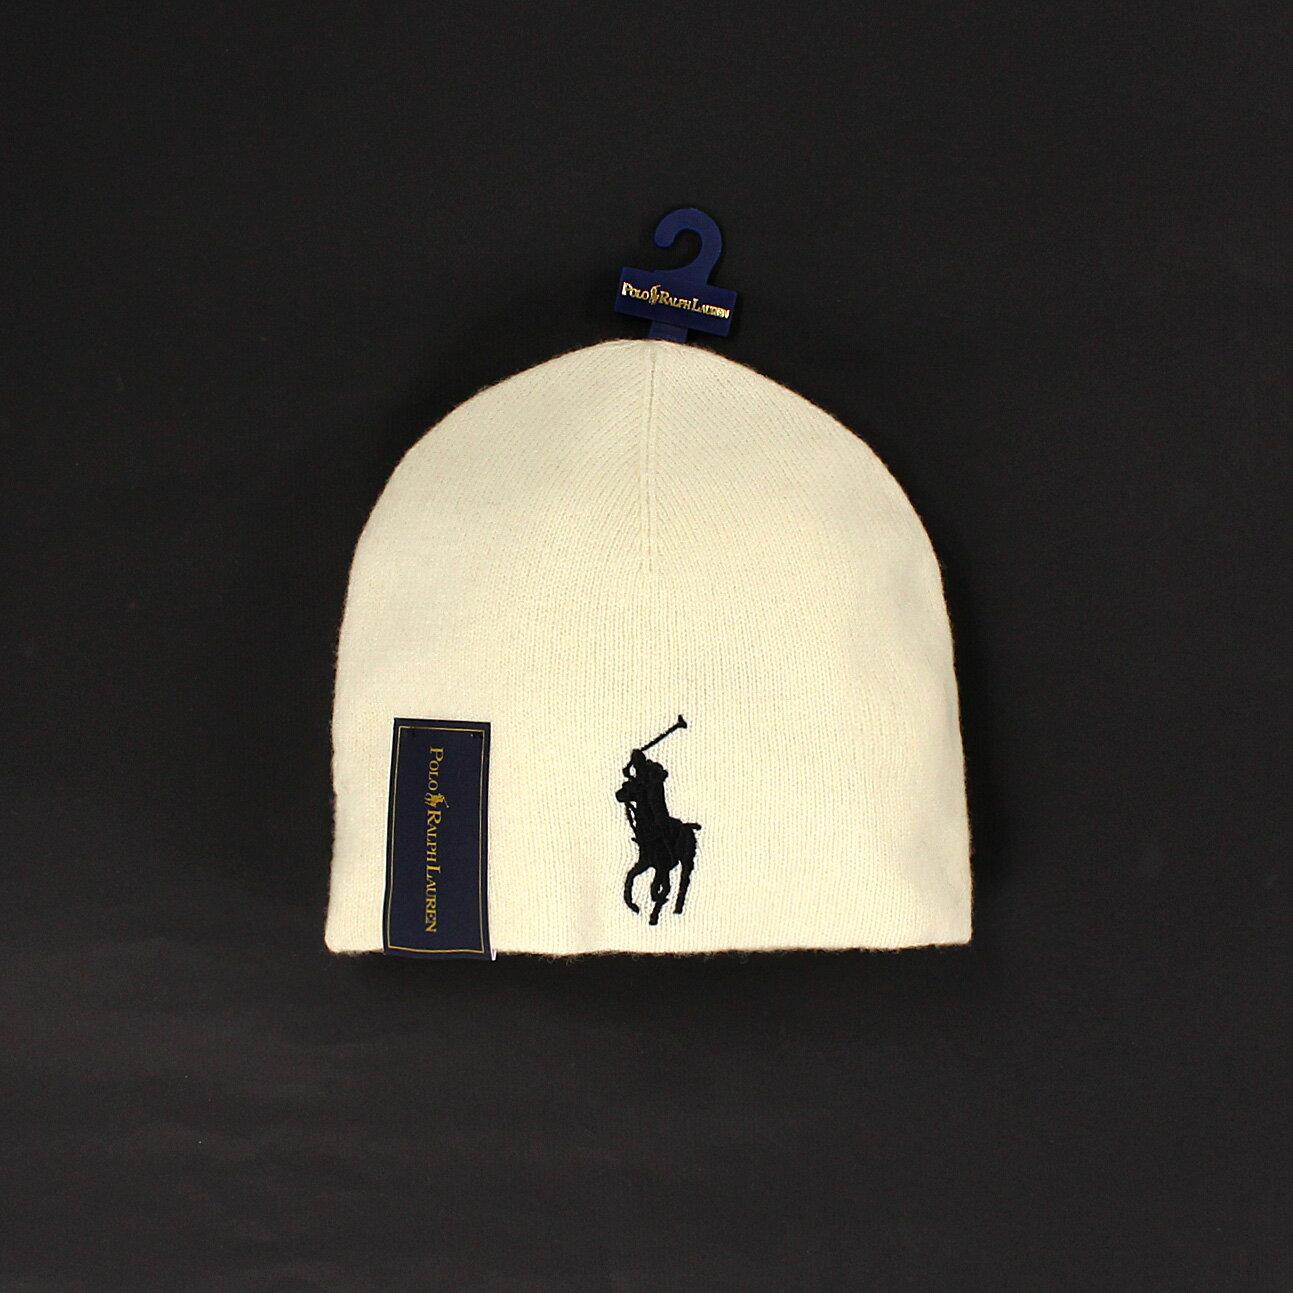 美國百分百【全新真品 】Ralph Lauren 帽子 RL 配件 毛帽 Polo 大馬 米白 純羊毛 保暖 柔軟 男